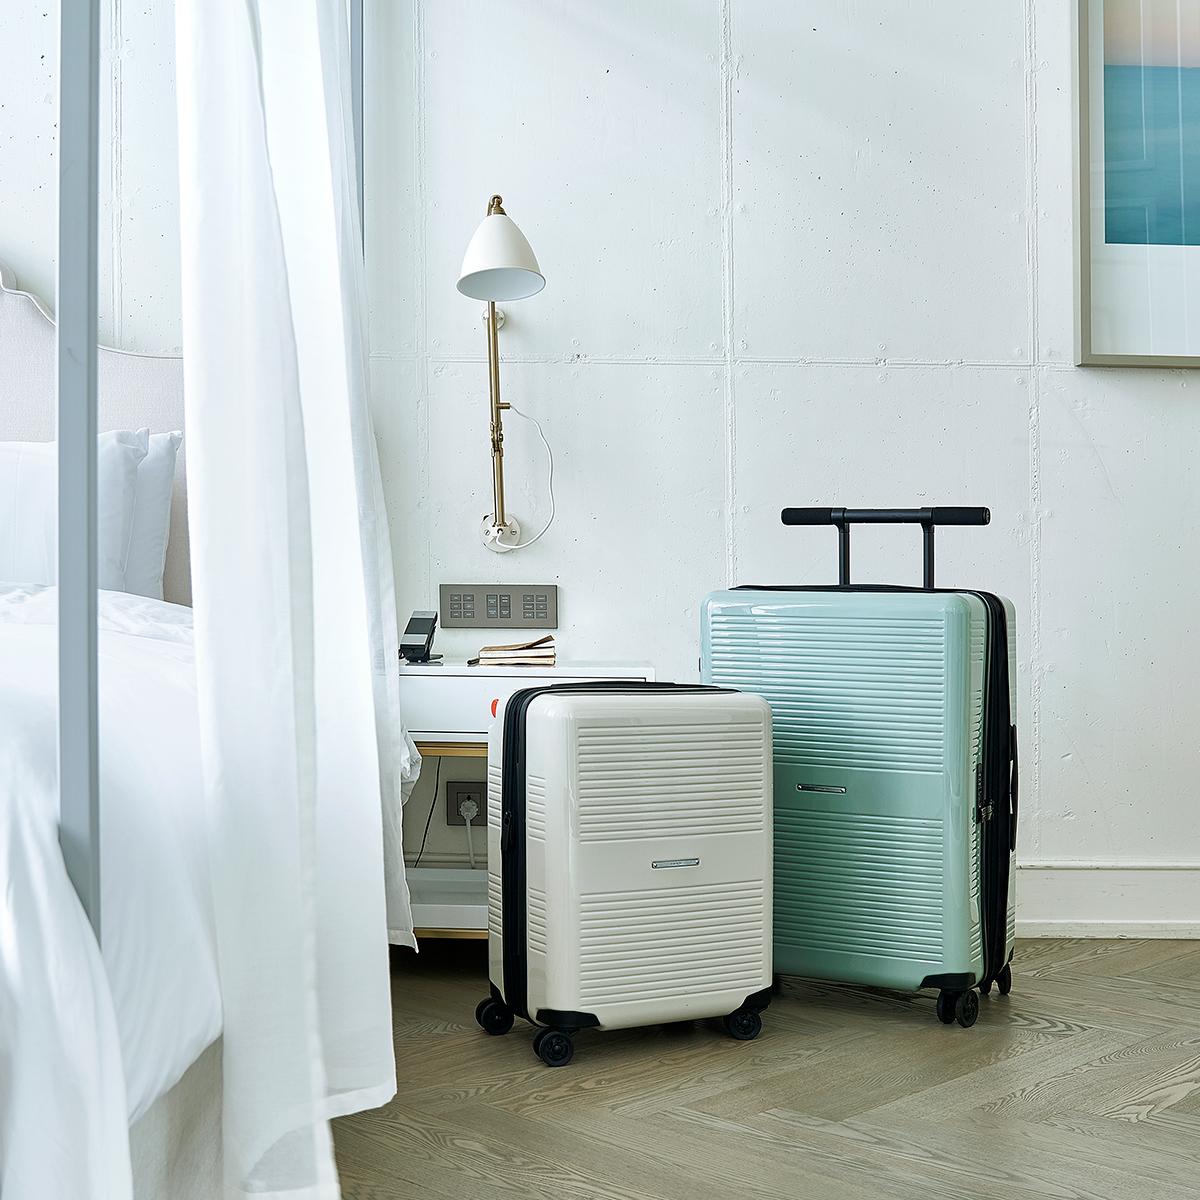 家族やパートナーとの旅行で一緒に使えて便利。大小ふたつのサイズを「入れ子収納」できる、機内持ち込み用(37L)&長期旅行用(72L)スーツケースセット| RAWROW | R TRUNK LITE